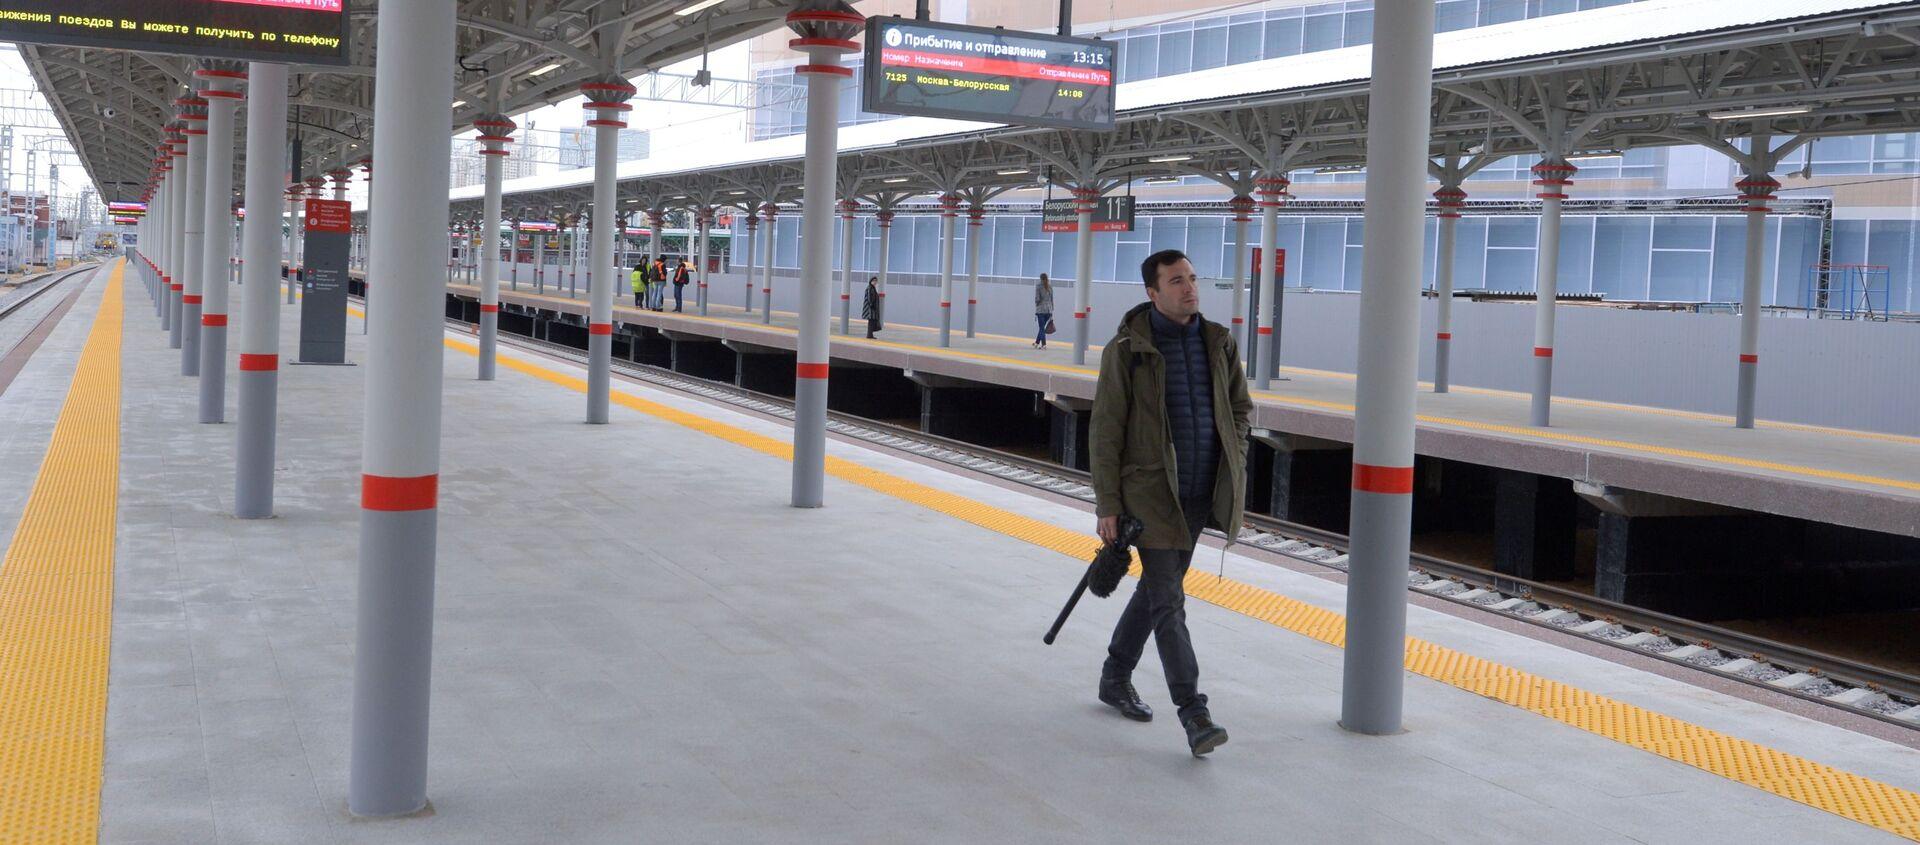 Пассажир на новой посадочной платформе с перроном на Белорусском вокзале Москвы - Sputnik Беларусь, 1920, 05.02.2021